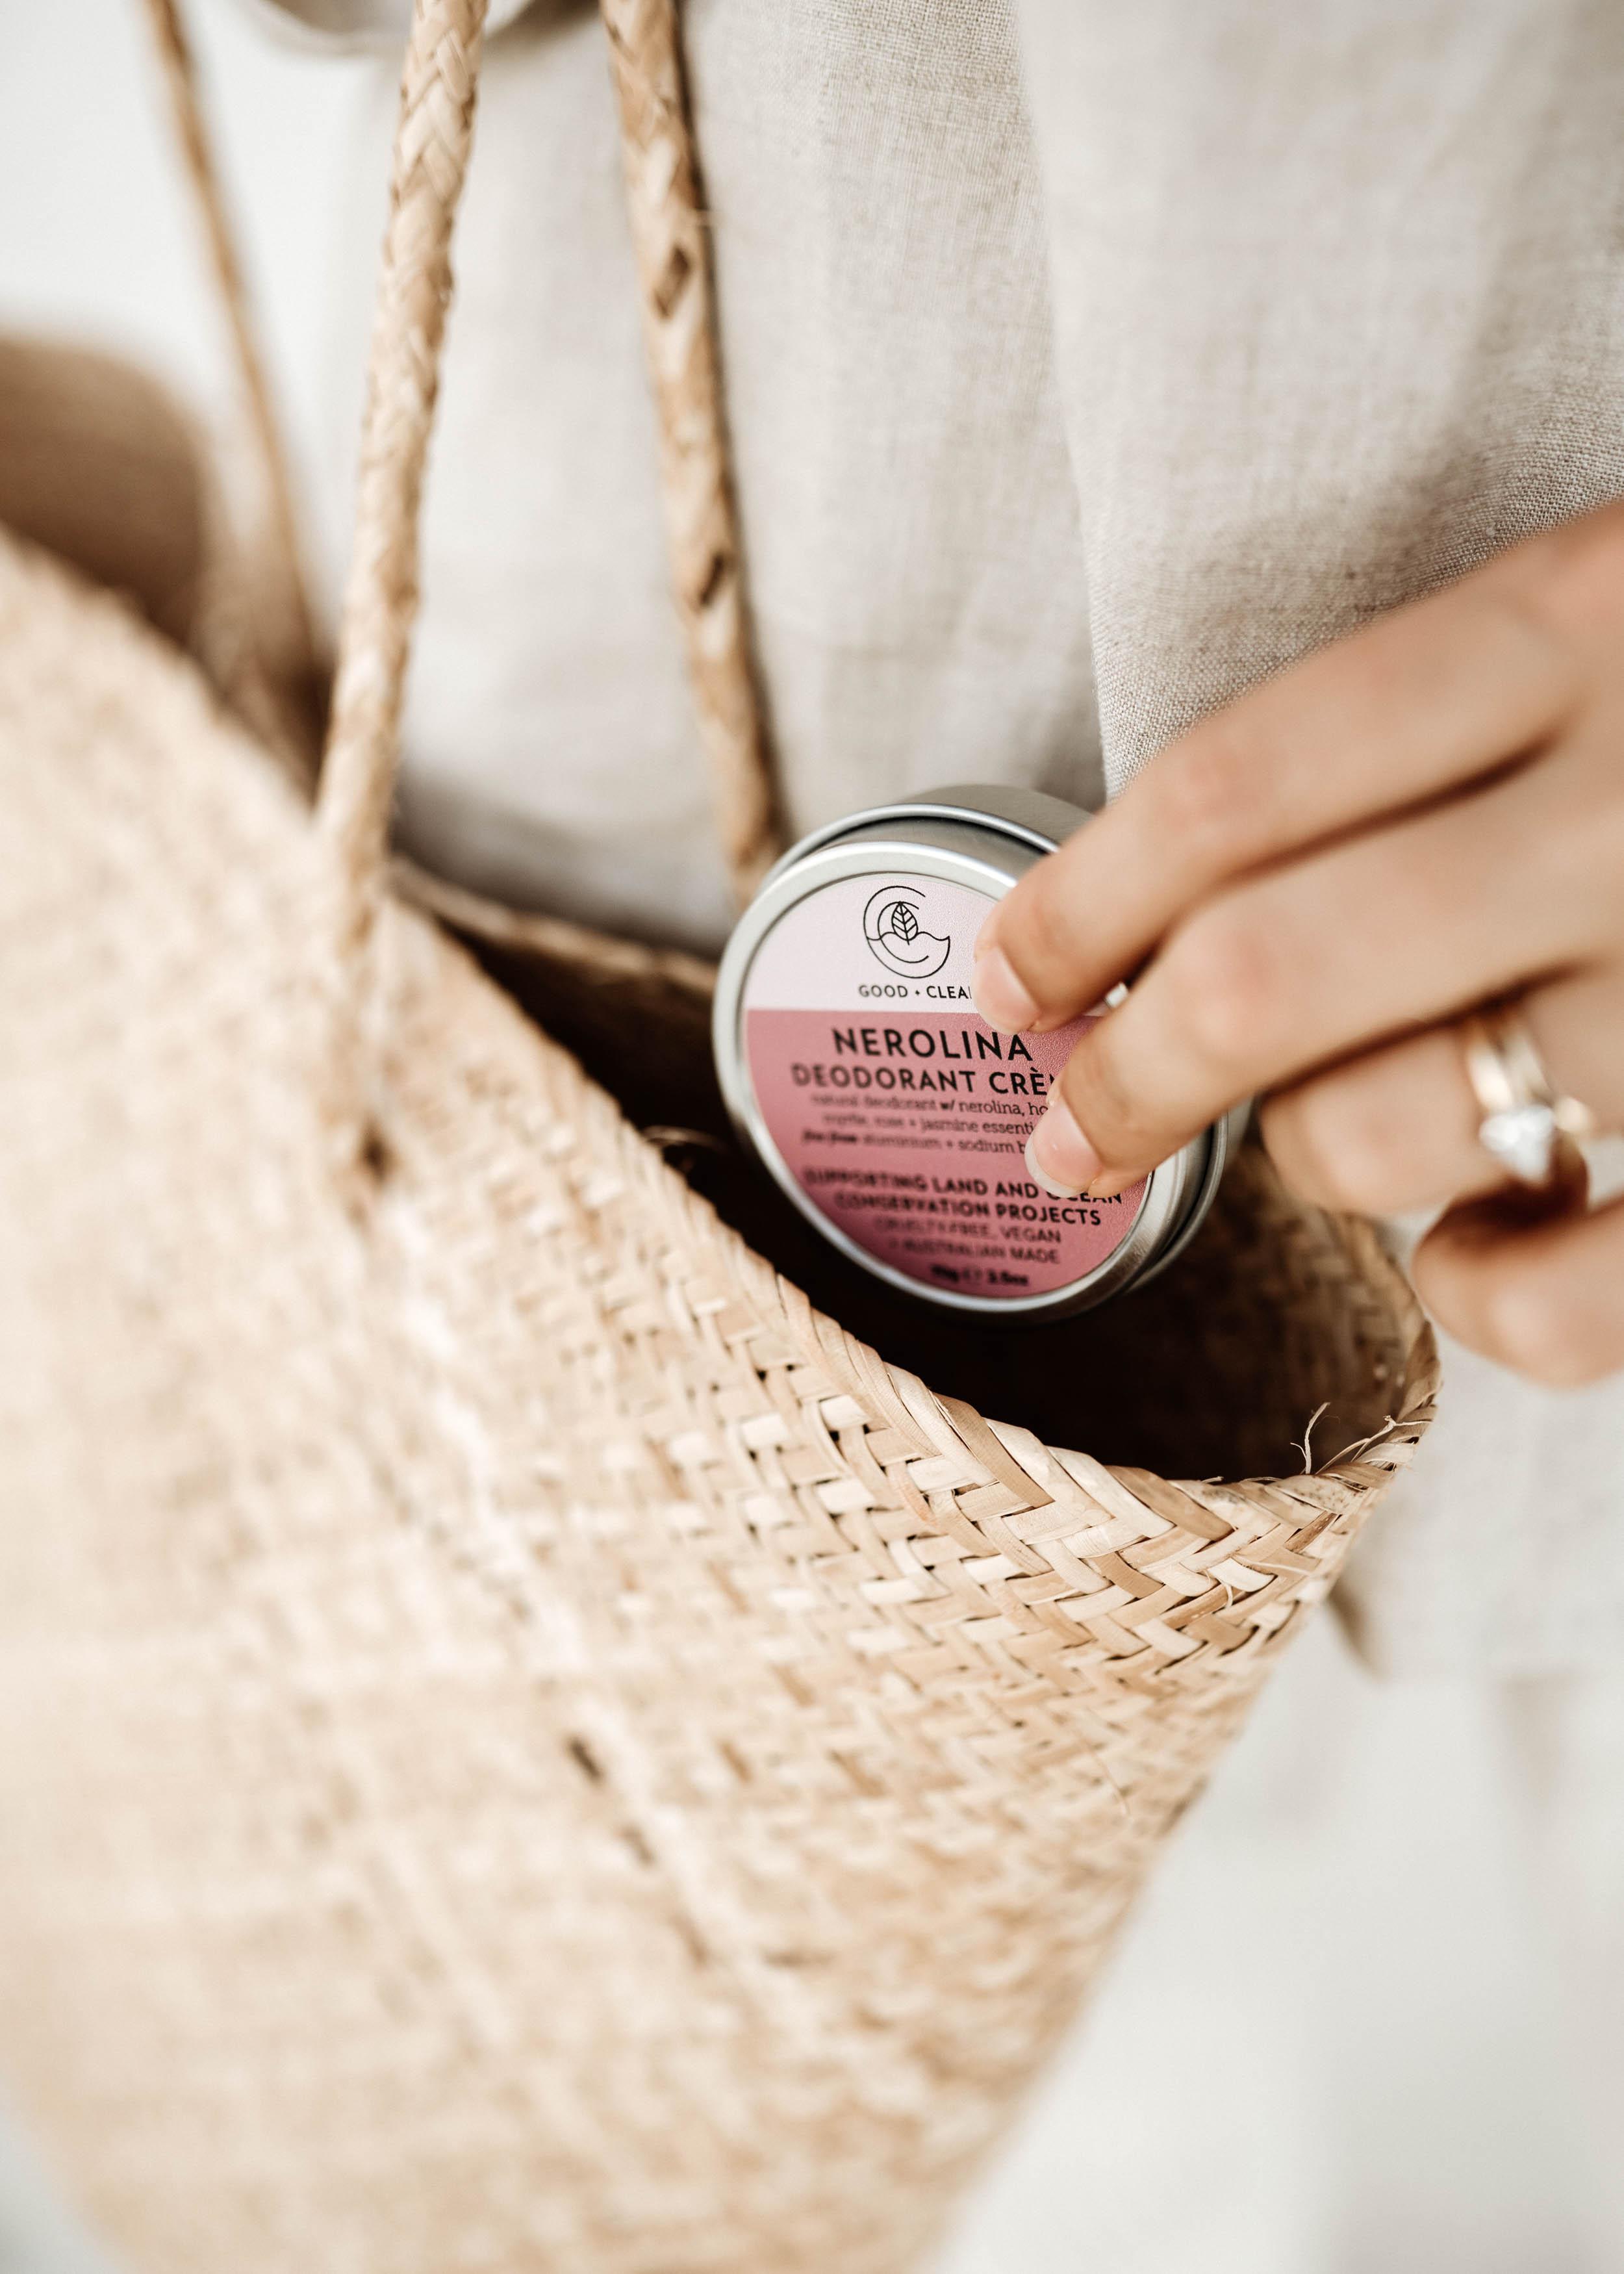 keira-mason-good-and-clean-beach-bag-deodorant.jpg